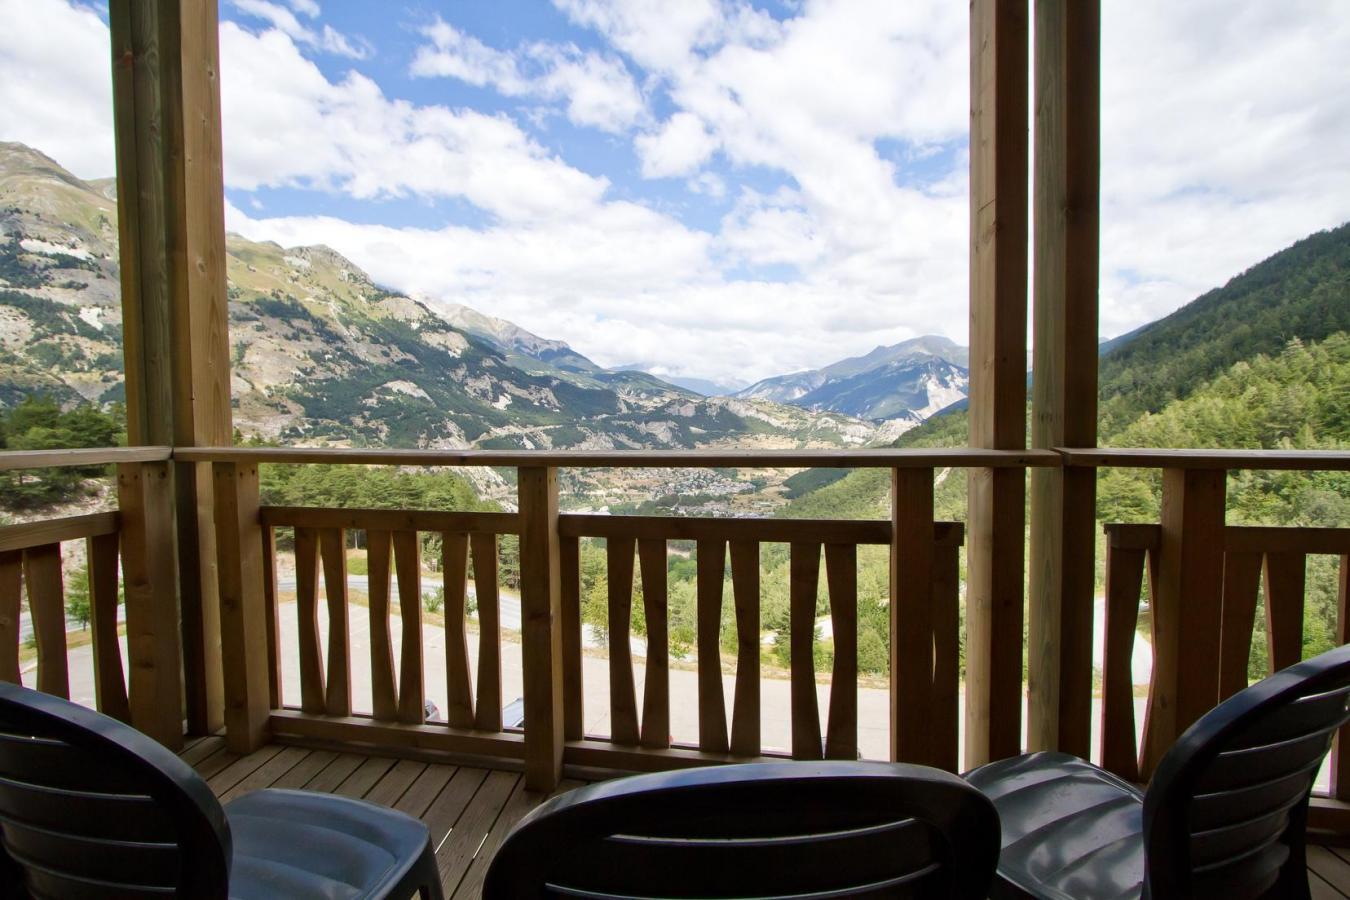 residence les chalets et balcons de la vanoise 5 la norma location vacances ski la norma